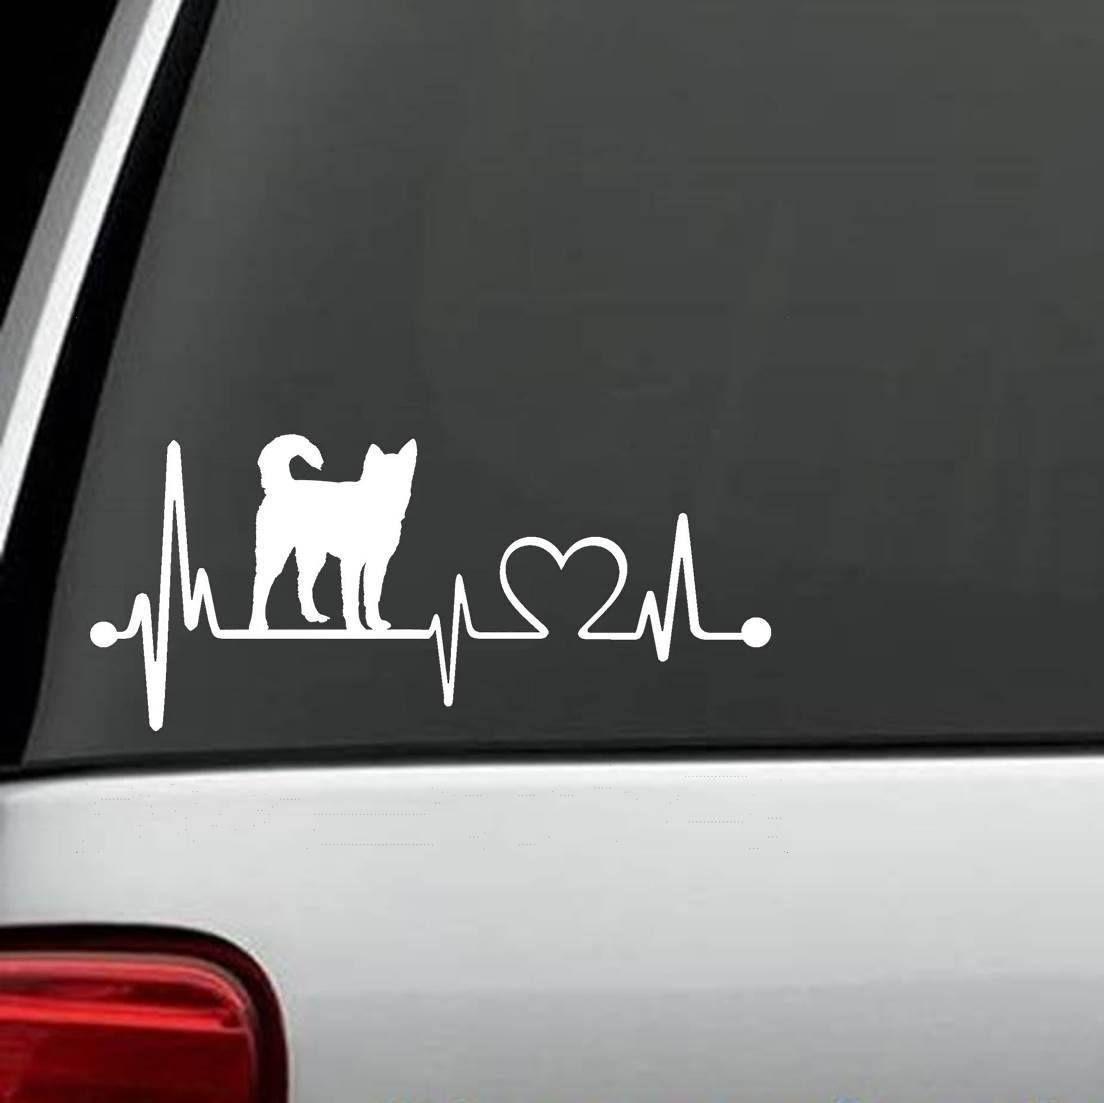 Design your car sticker - Siberian Husky Heartbeat Design Decal